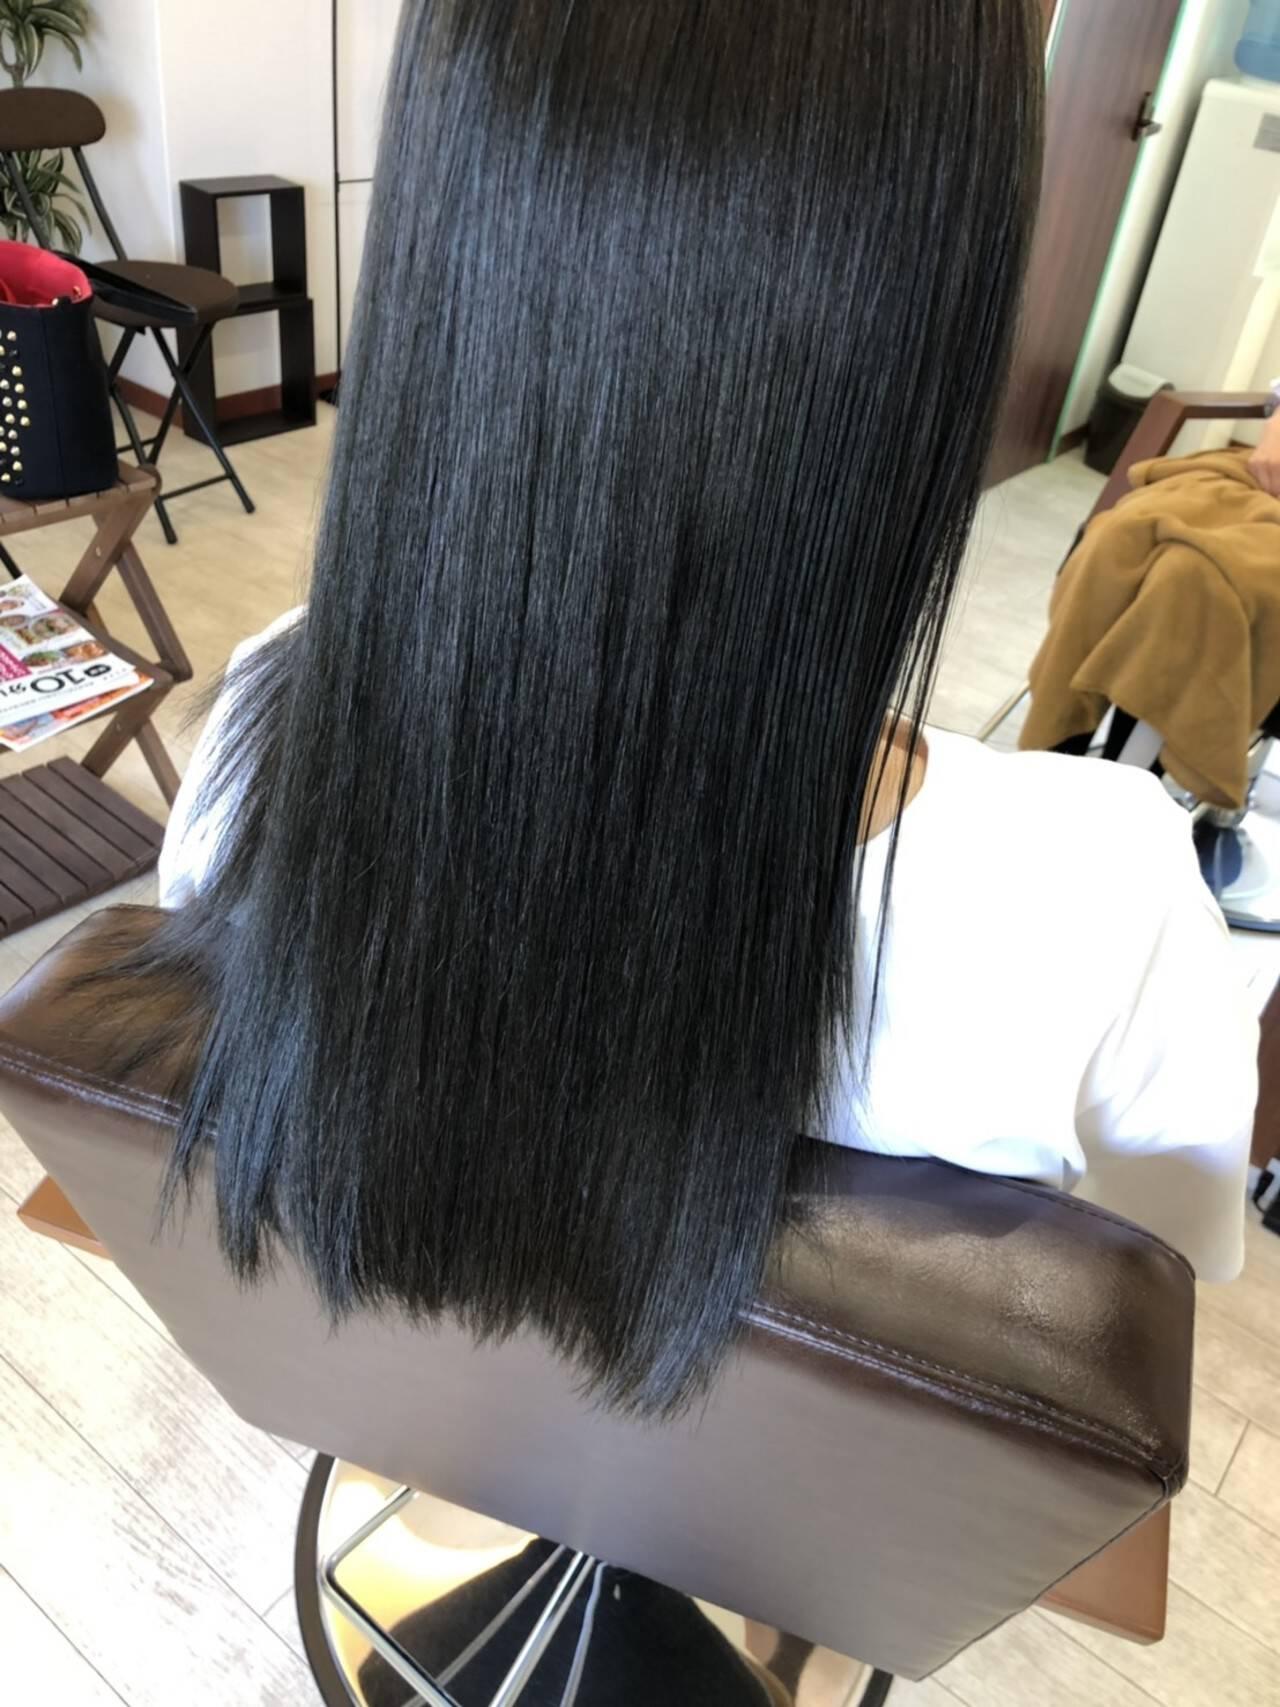 ヘアカラー オリーブアッシュ ロング ナチュラルヘアスタイルや髪型の写真・画像